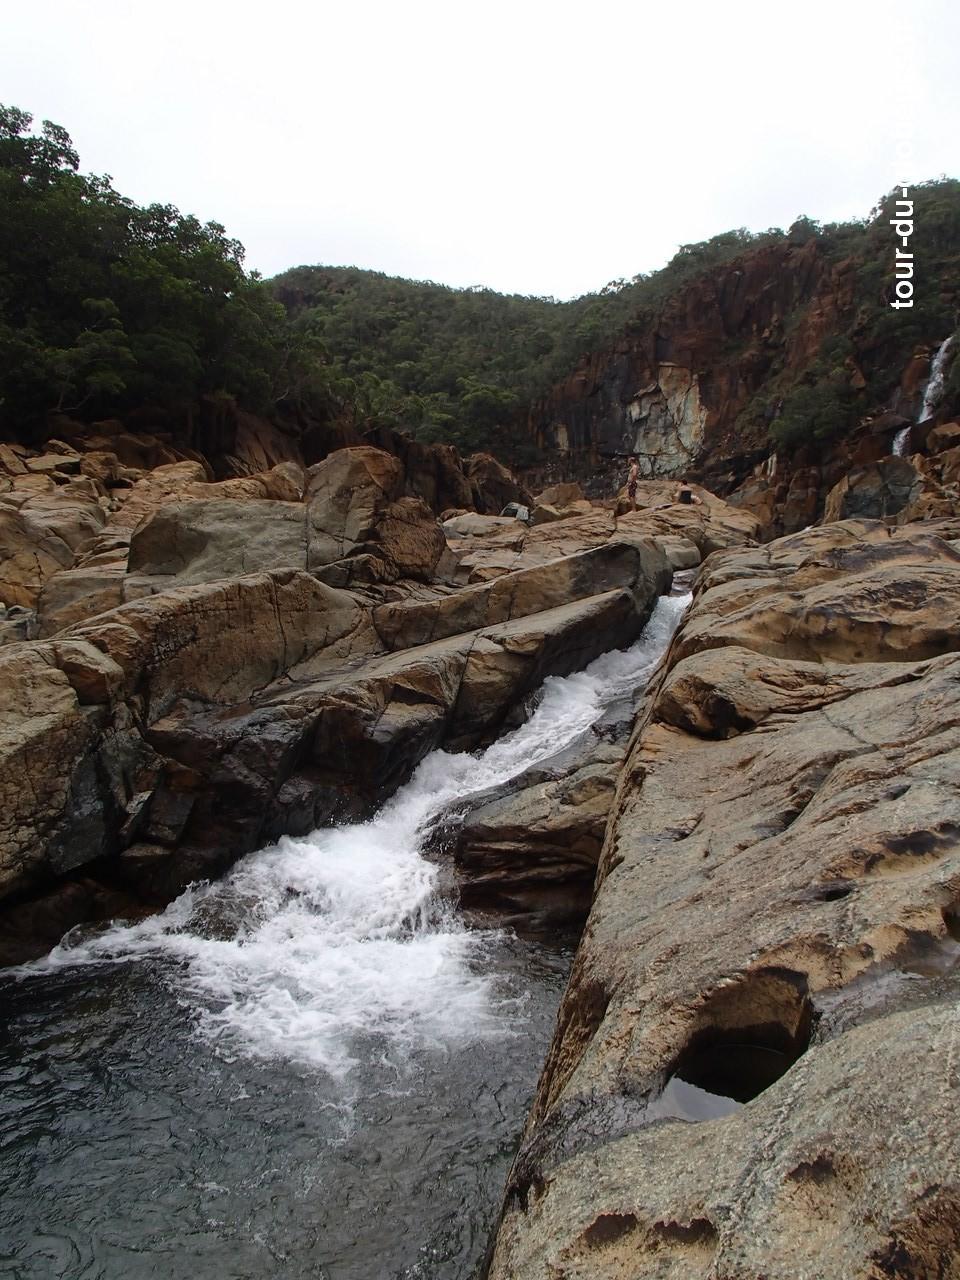 Nle-Calédonie - Nouméa - Baignade Barrage 1